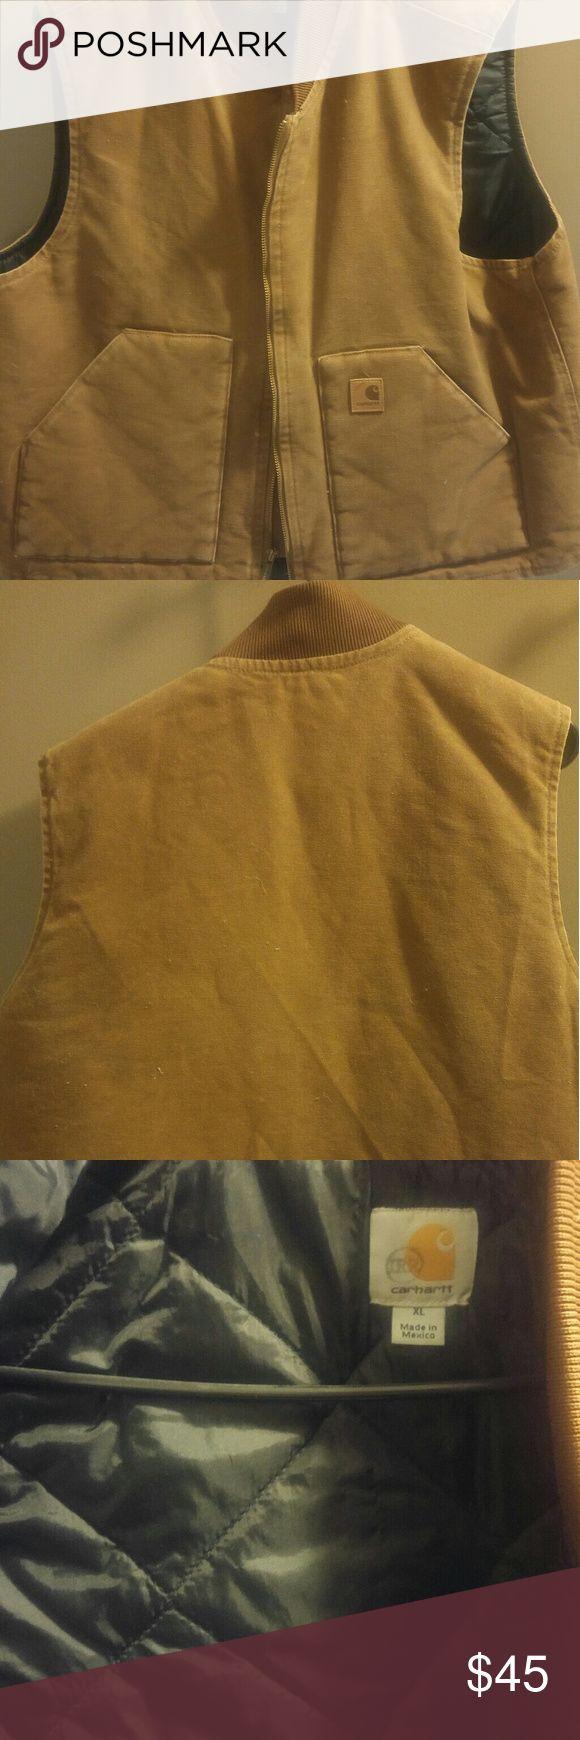 Men's Carhartt vest flash SALE Worn  Lots of life left Great vest Carhartt Jackets & Coats